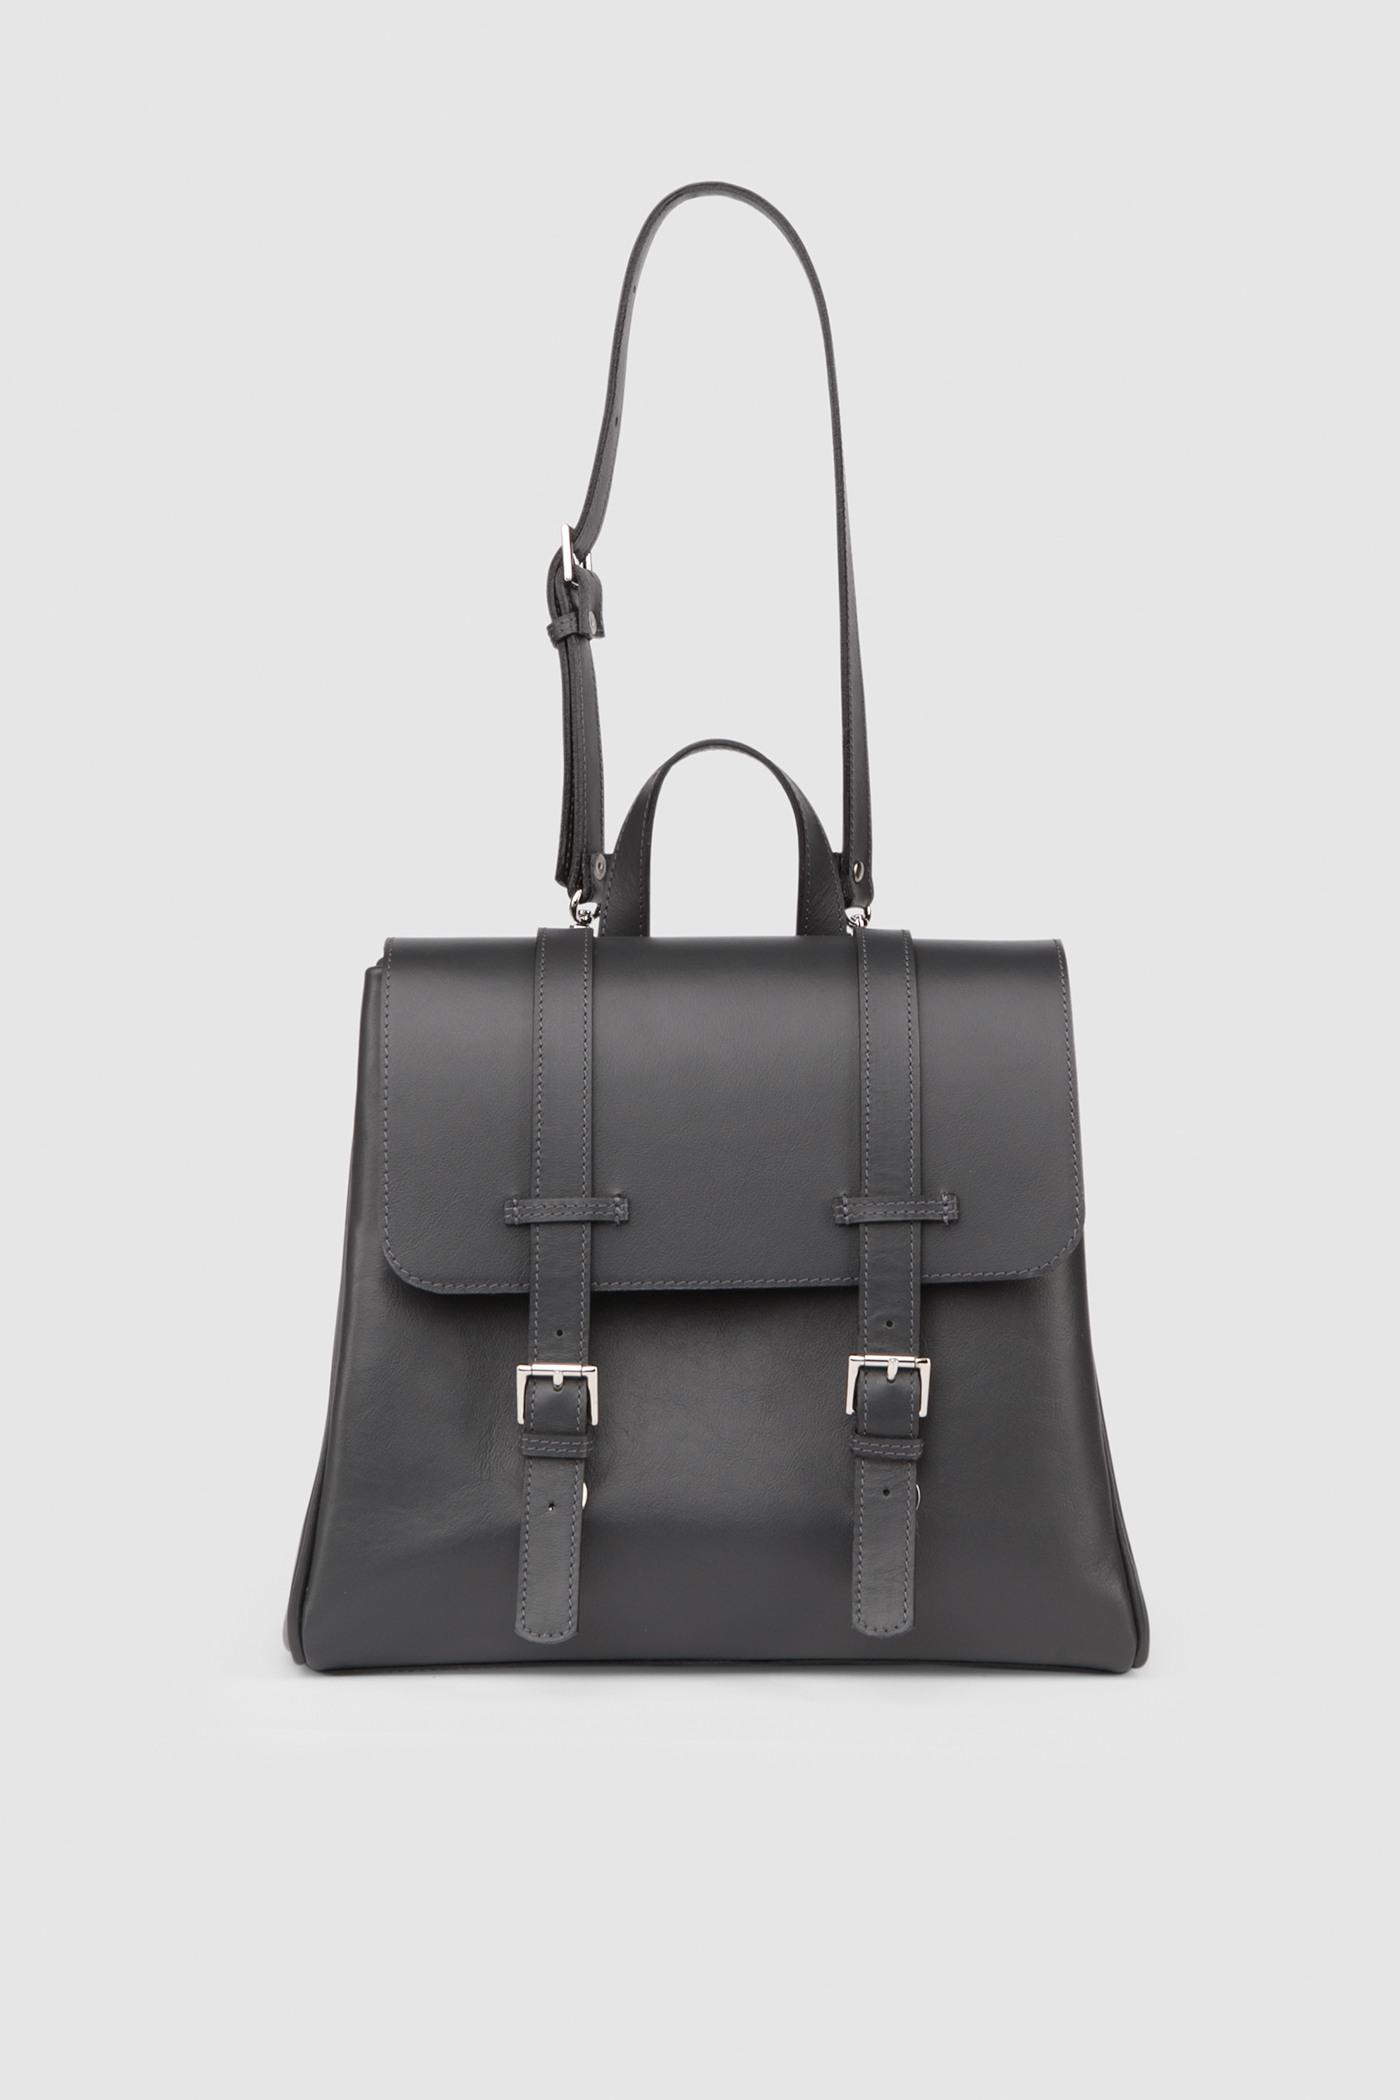 Маленький рюкзакКлассический рюкзак-портфель из высококачественной кожи. Задний карман на молнии. Внутреннее отделение на подкладке с тремя карманами для телефона, ключей и документов. Верхний клапан украшен полированной фурнитурой серебряного цвета и застегивается на потайные замки-магниты.&#13;<br>&#13;<br>&#13;<br>если перестегнуть лямки, рюкзак превращается в сумку через плечо&#13;<br>&#13;<br>держит форму&#13;<br>&#13;<br>съемные лямки на регуляторах&#13;<br>&#13;<br>защита нижних кантов от износа двойным дном&#13;<br>&#13;<br>тканная подкладка&#13;<br>&#13;<br>прилагается чехол для хранения&#13;<br>&#13;<br>&#13;<br>Высота: 24,5 см&#13;<br>Длина: 26 &gt; 24 см&#13;<br>Глубина: 9,5 см&#13;<br>Высота ремешка: max 93 - min 69 см&#13;<br>Длина ручки: 22 см<br><br>Цвет: Серый-графит, Сумеречный циановый